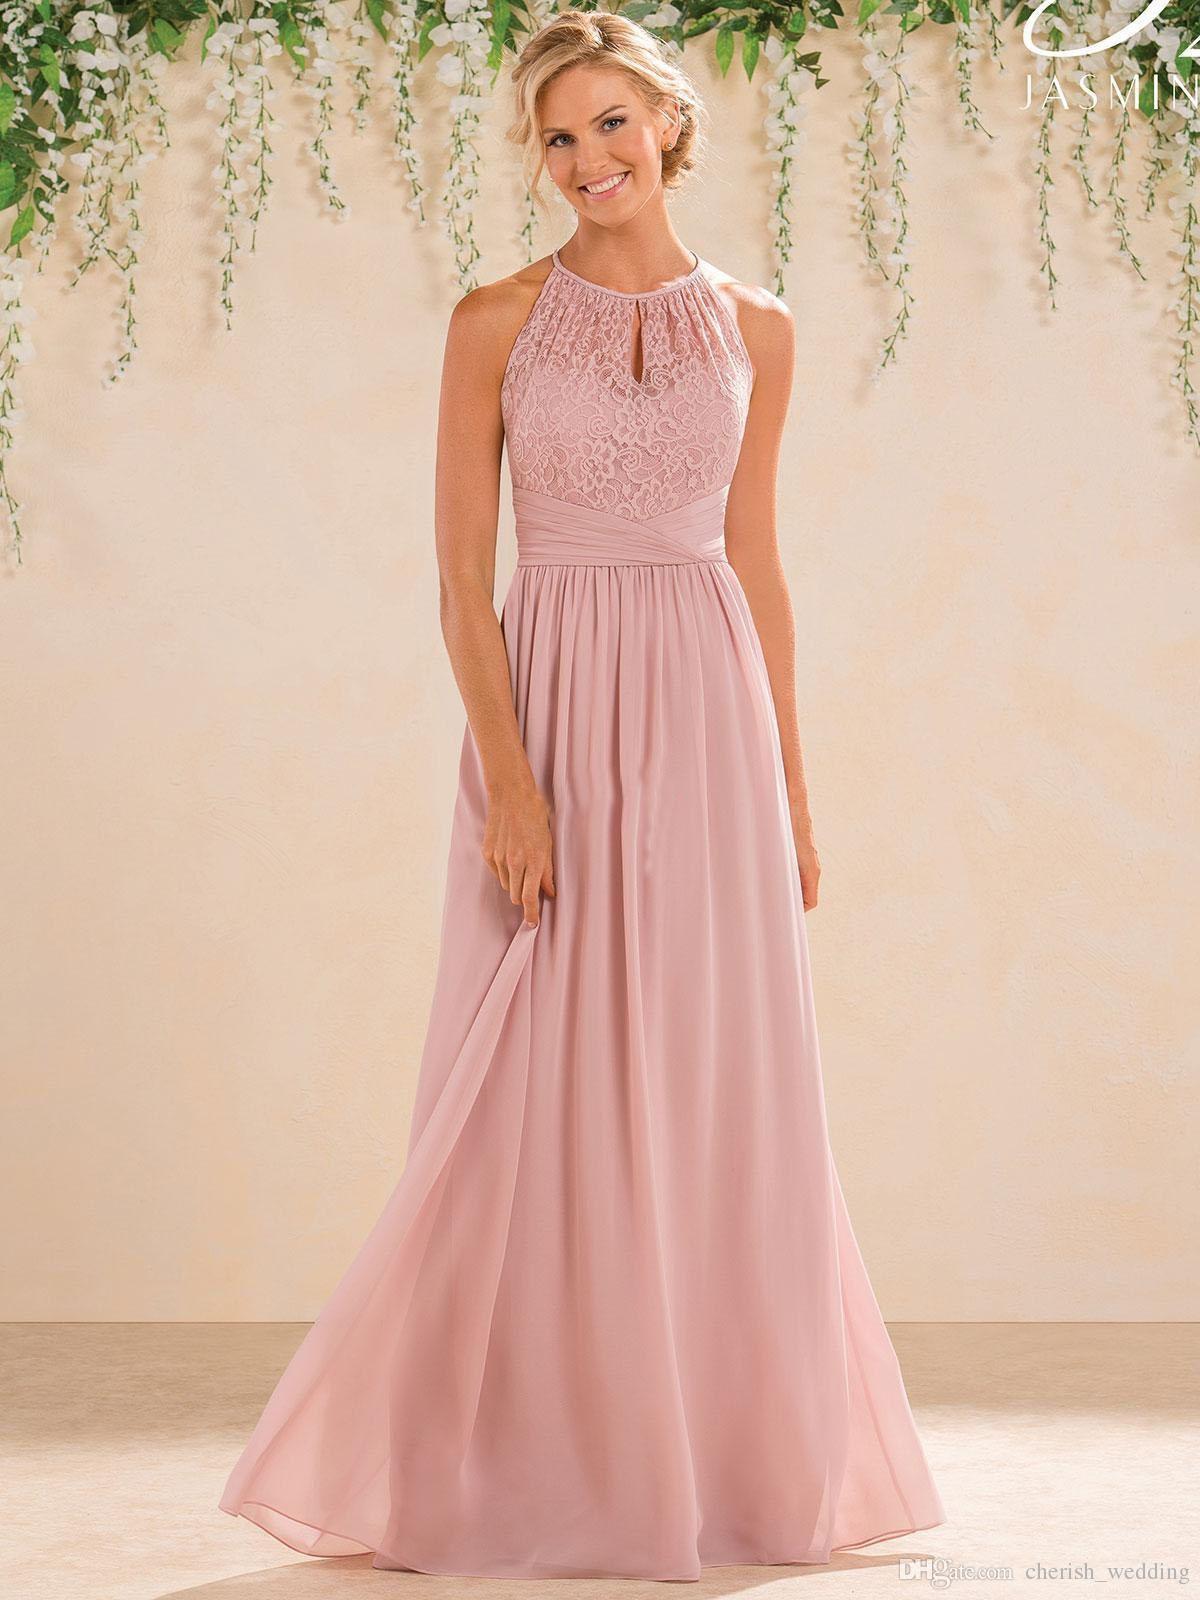 15 Luxus Lange Kleider Für Hochzeit ÄrmelDesigner Schön Lange Kleider Für Hochzeit Vertrieb